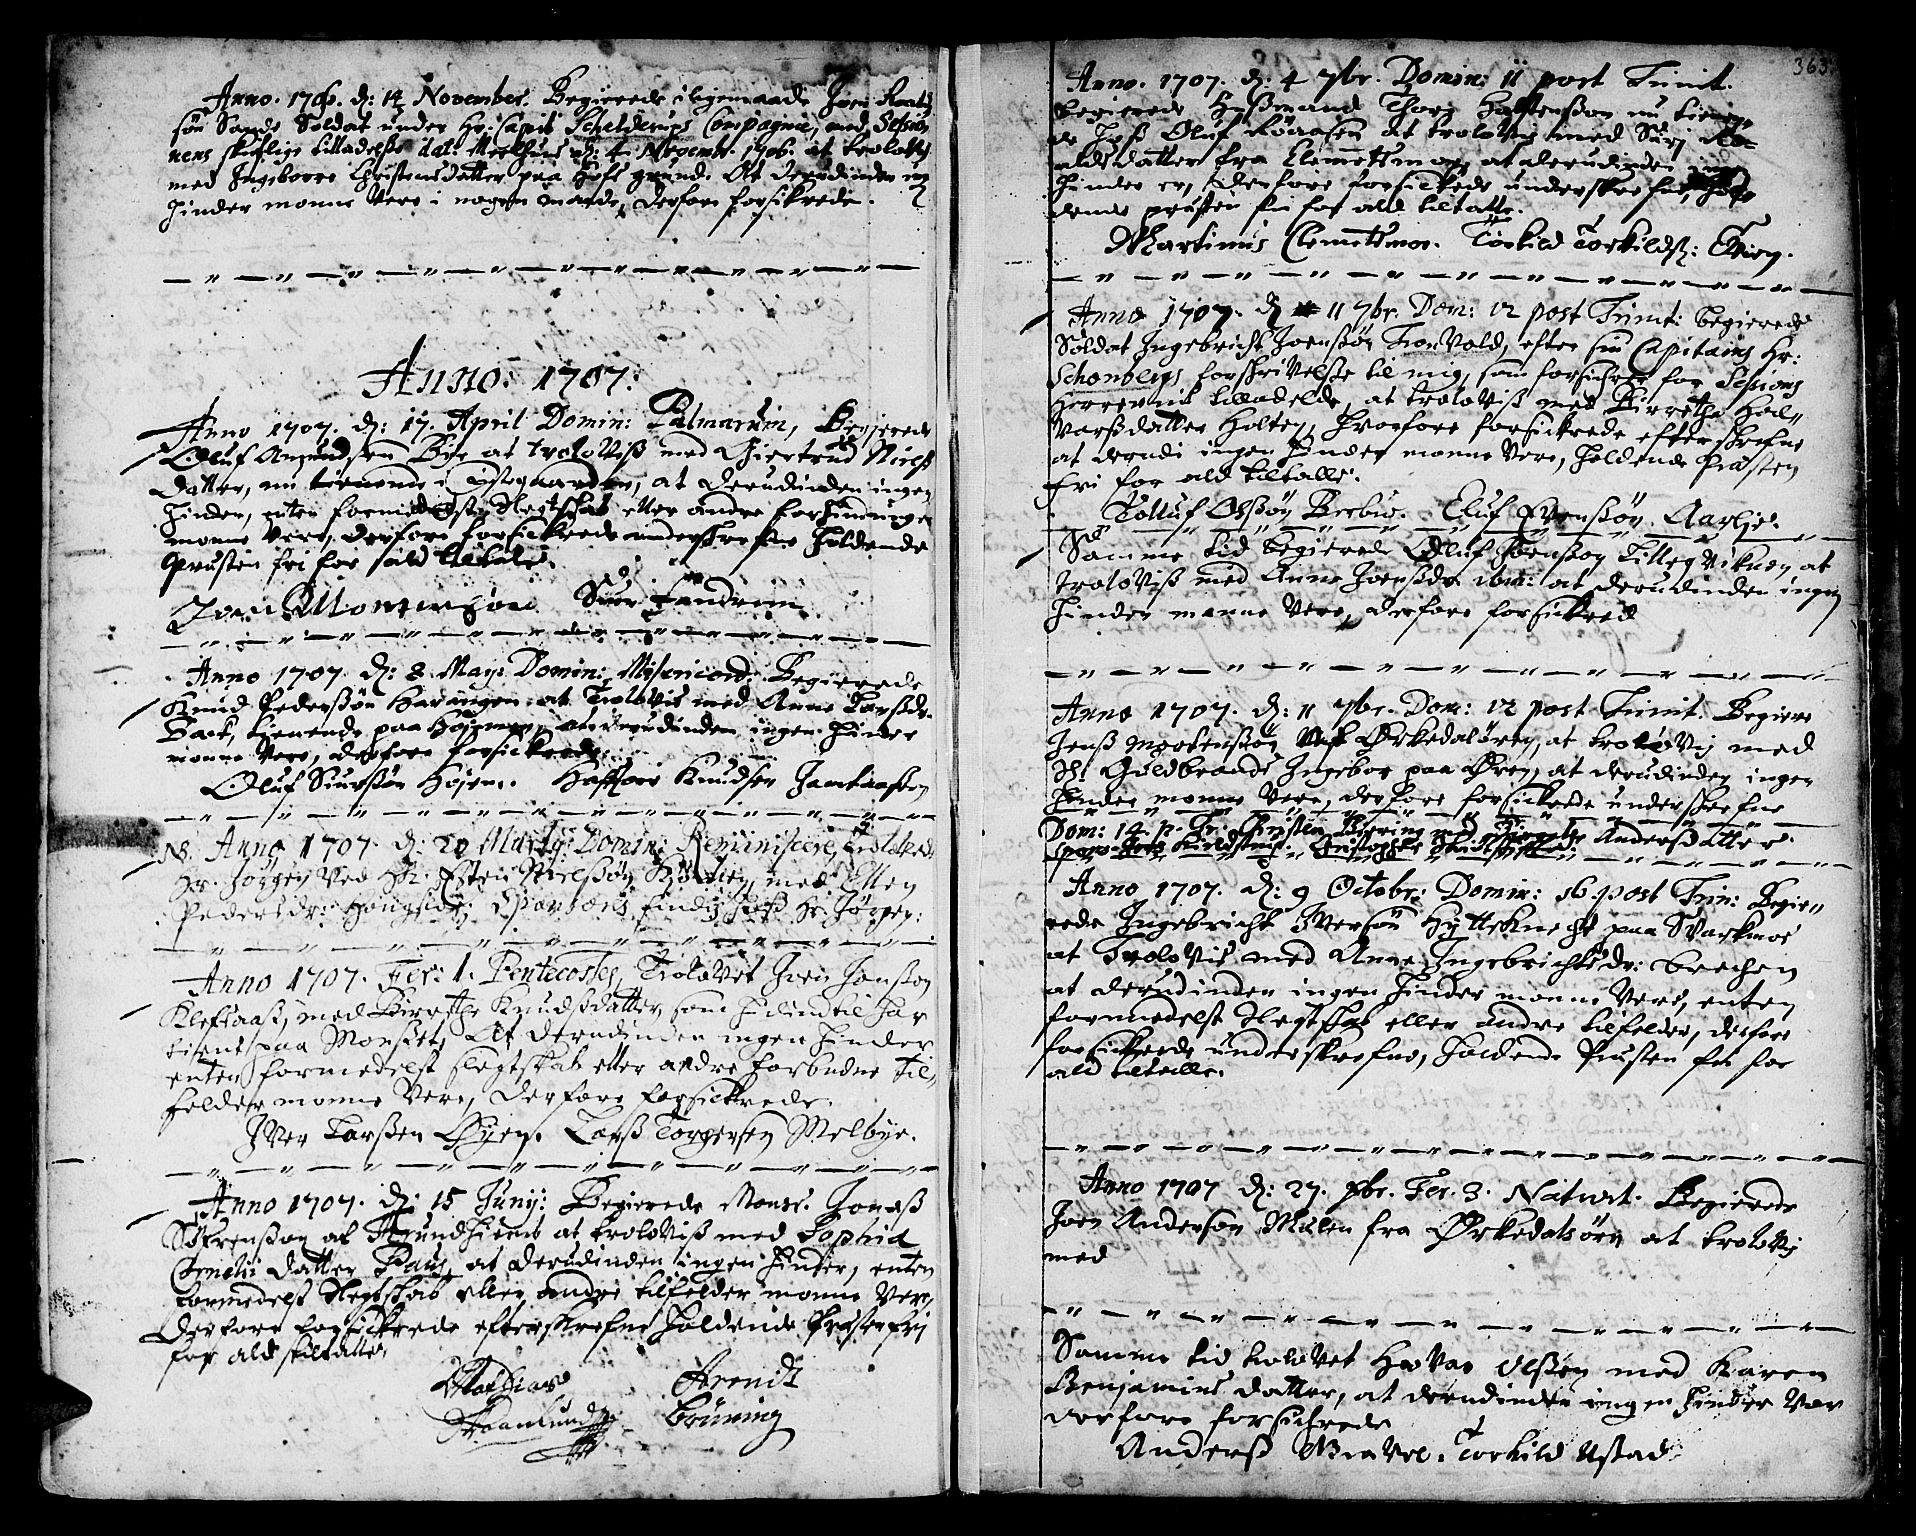 SAT, Ministerialprotokoller, klokkerbøker og fødselsregistre - Sør-Trøndelag, 668/L0801: Ministerialbok nr. 668A01, 1695-1716, s. 362-363